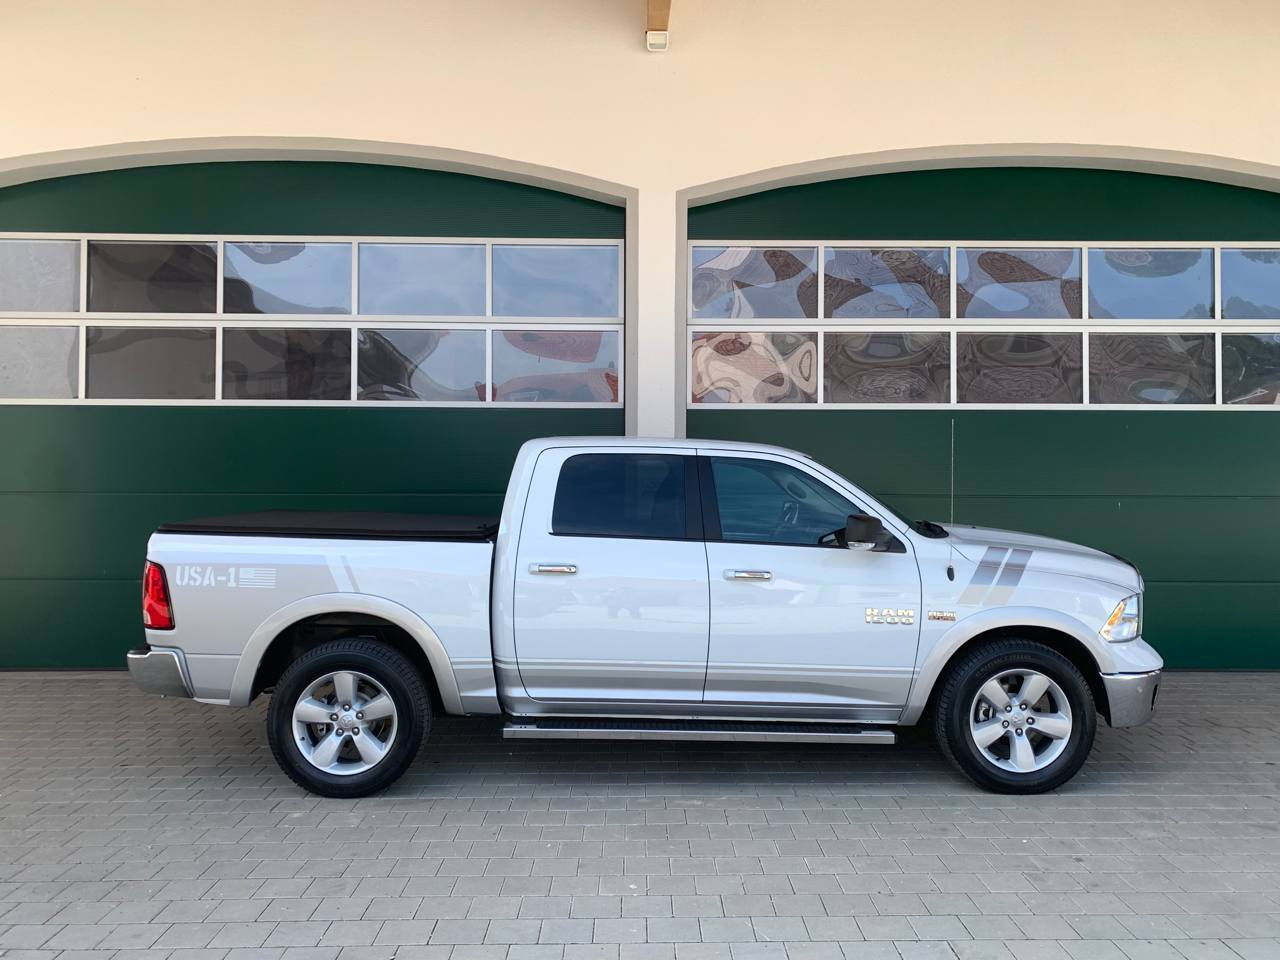 2017 Dodge Ram 1500 gebrauchtwagen kaufen